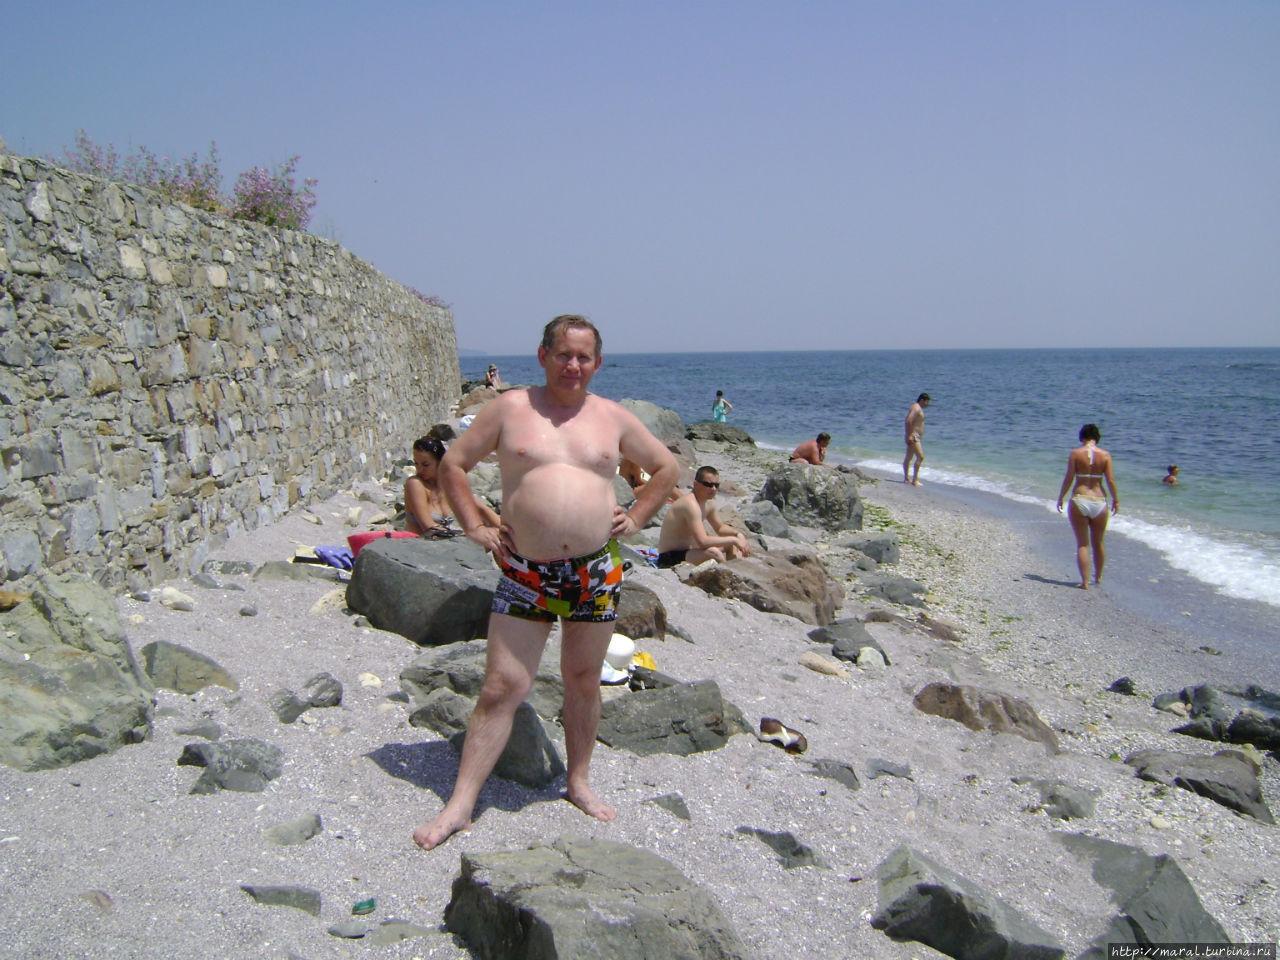 Пляж в Несебре невелик и каменист, но места для загорания и купания всем хватит